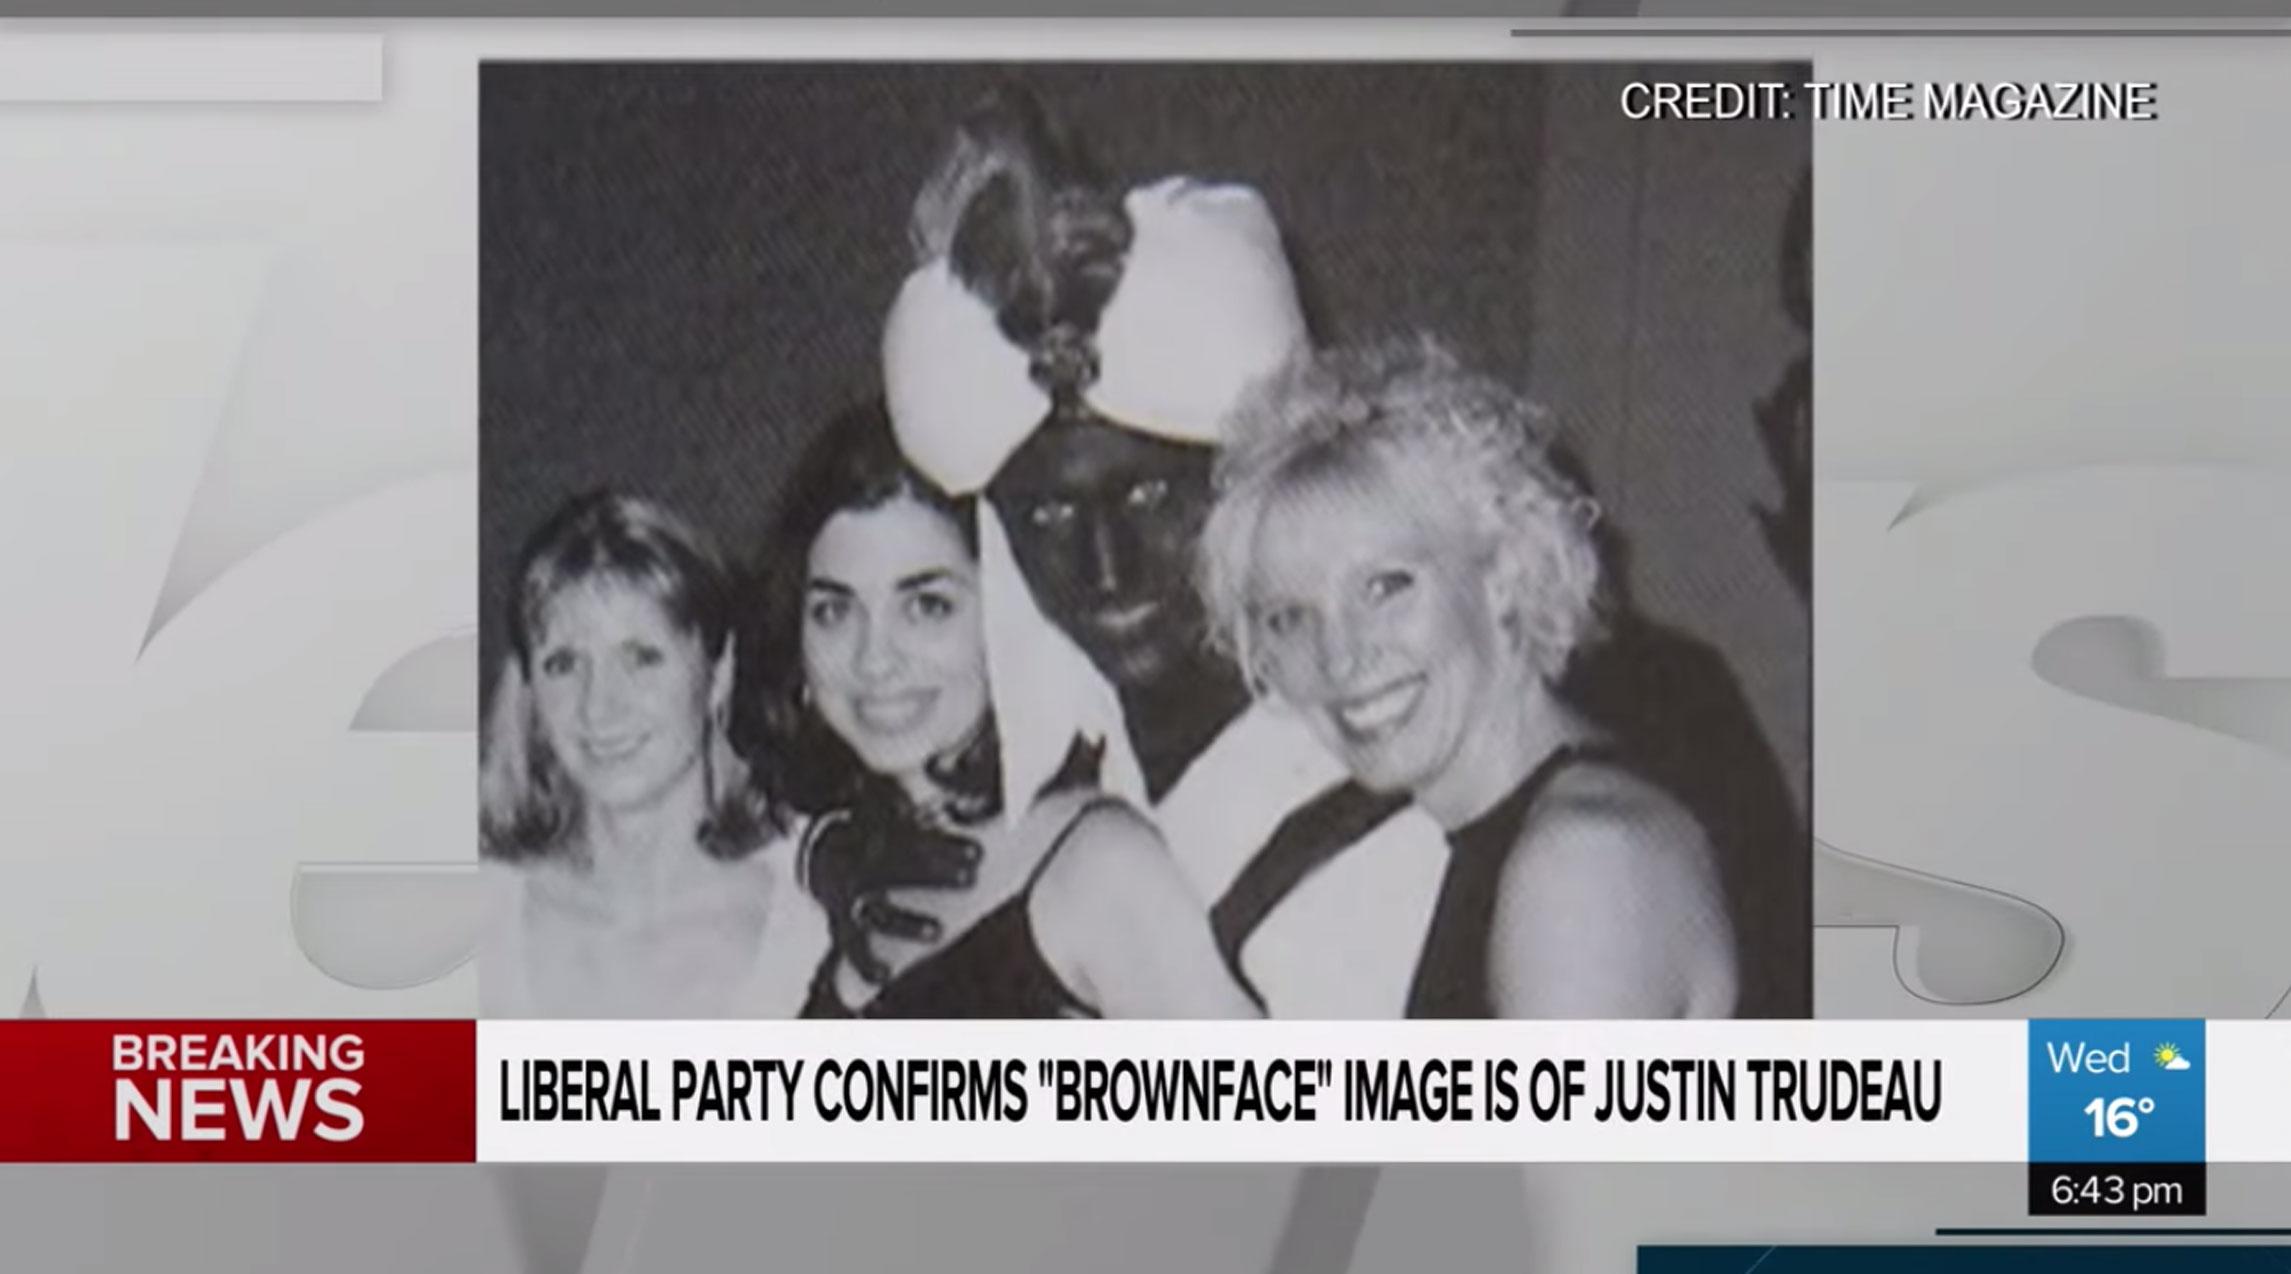 """""""Συγγνώμη"""" Τριντό για τη ρατσιστική φωτογραφία από το παρελθόν"""